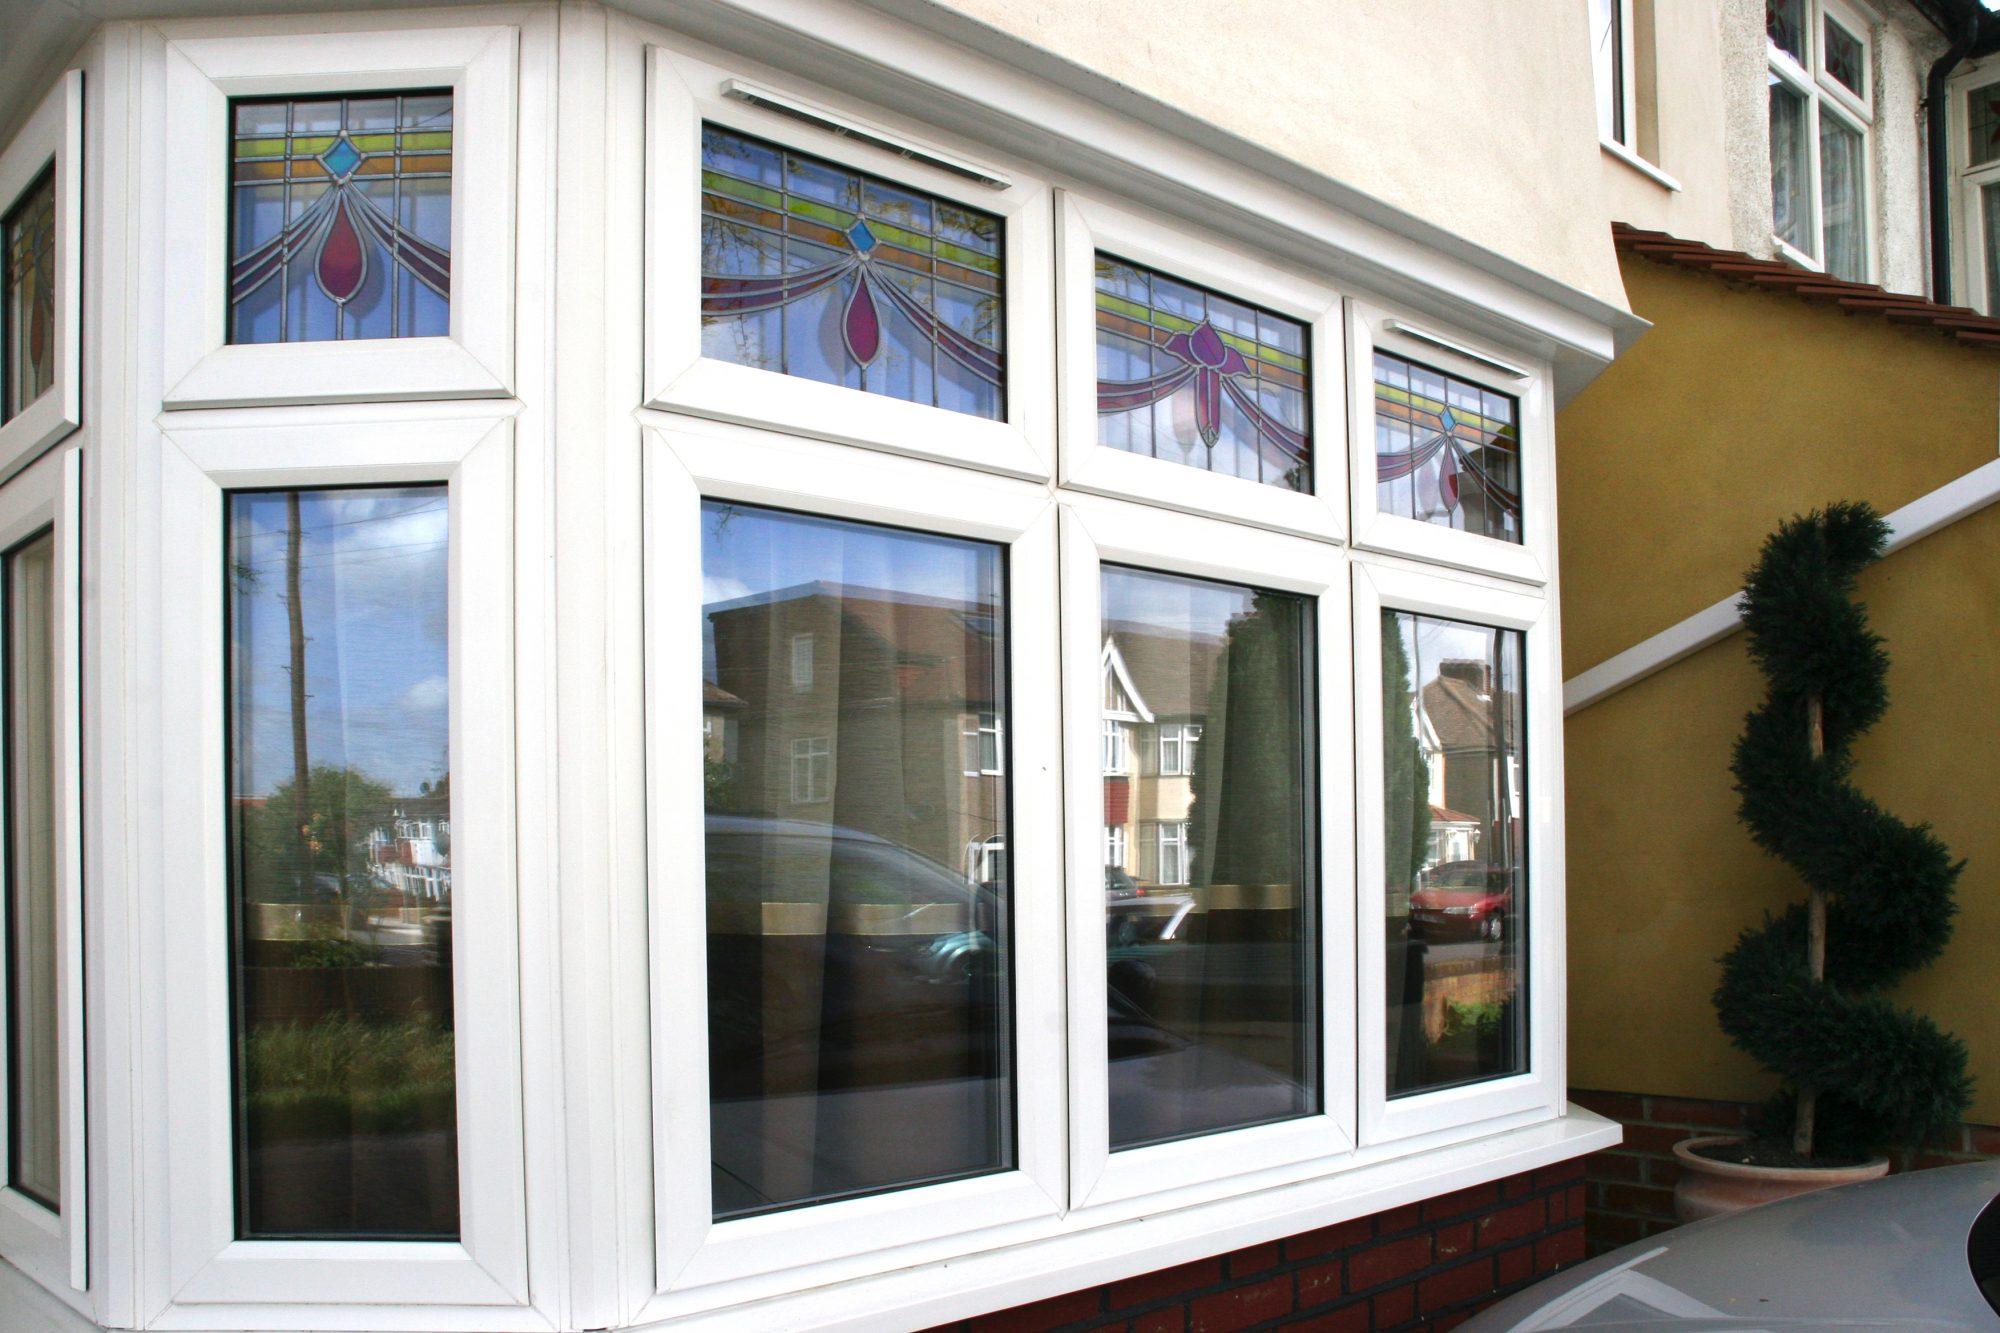 PVCu double glazing